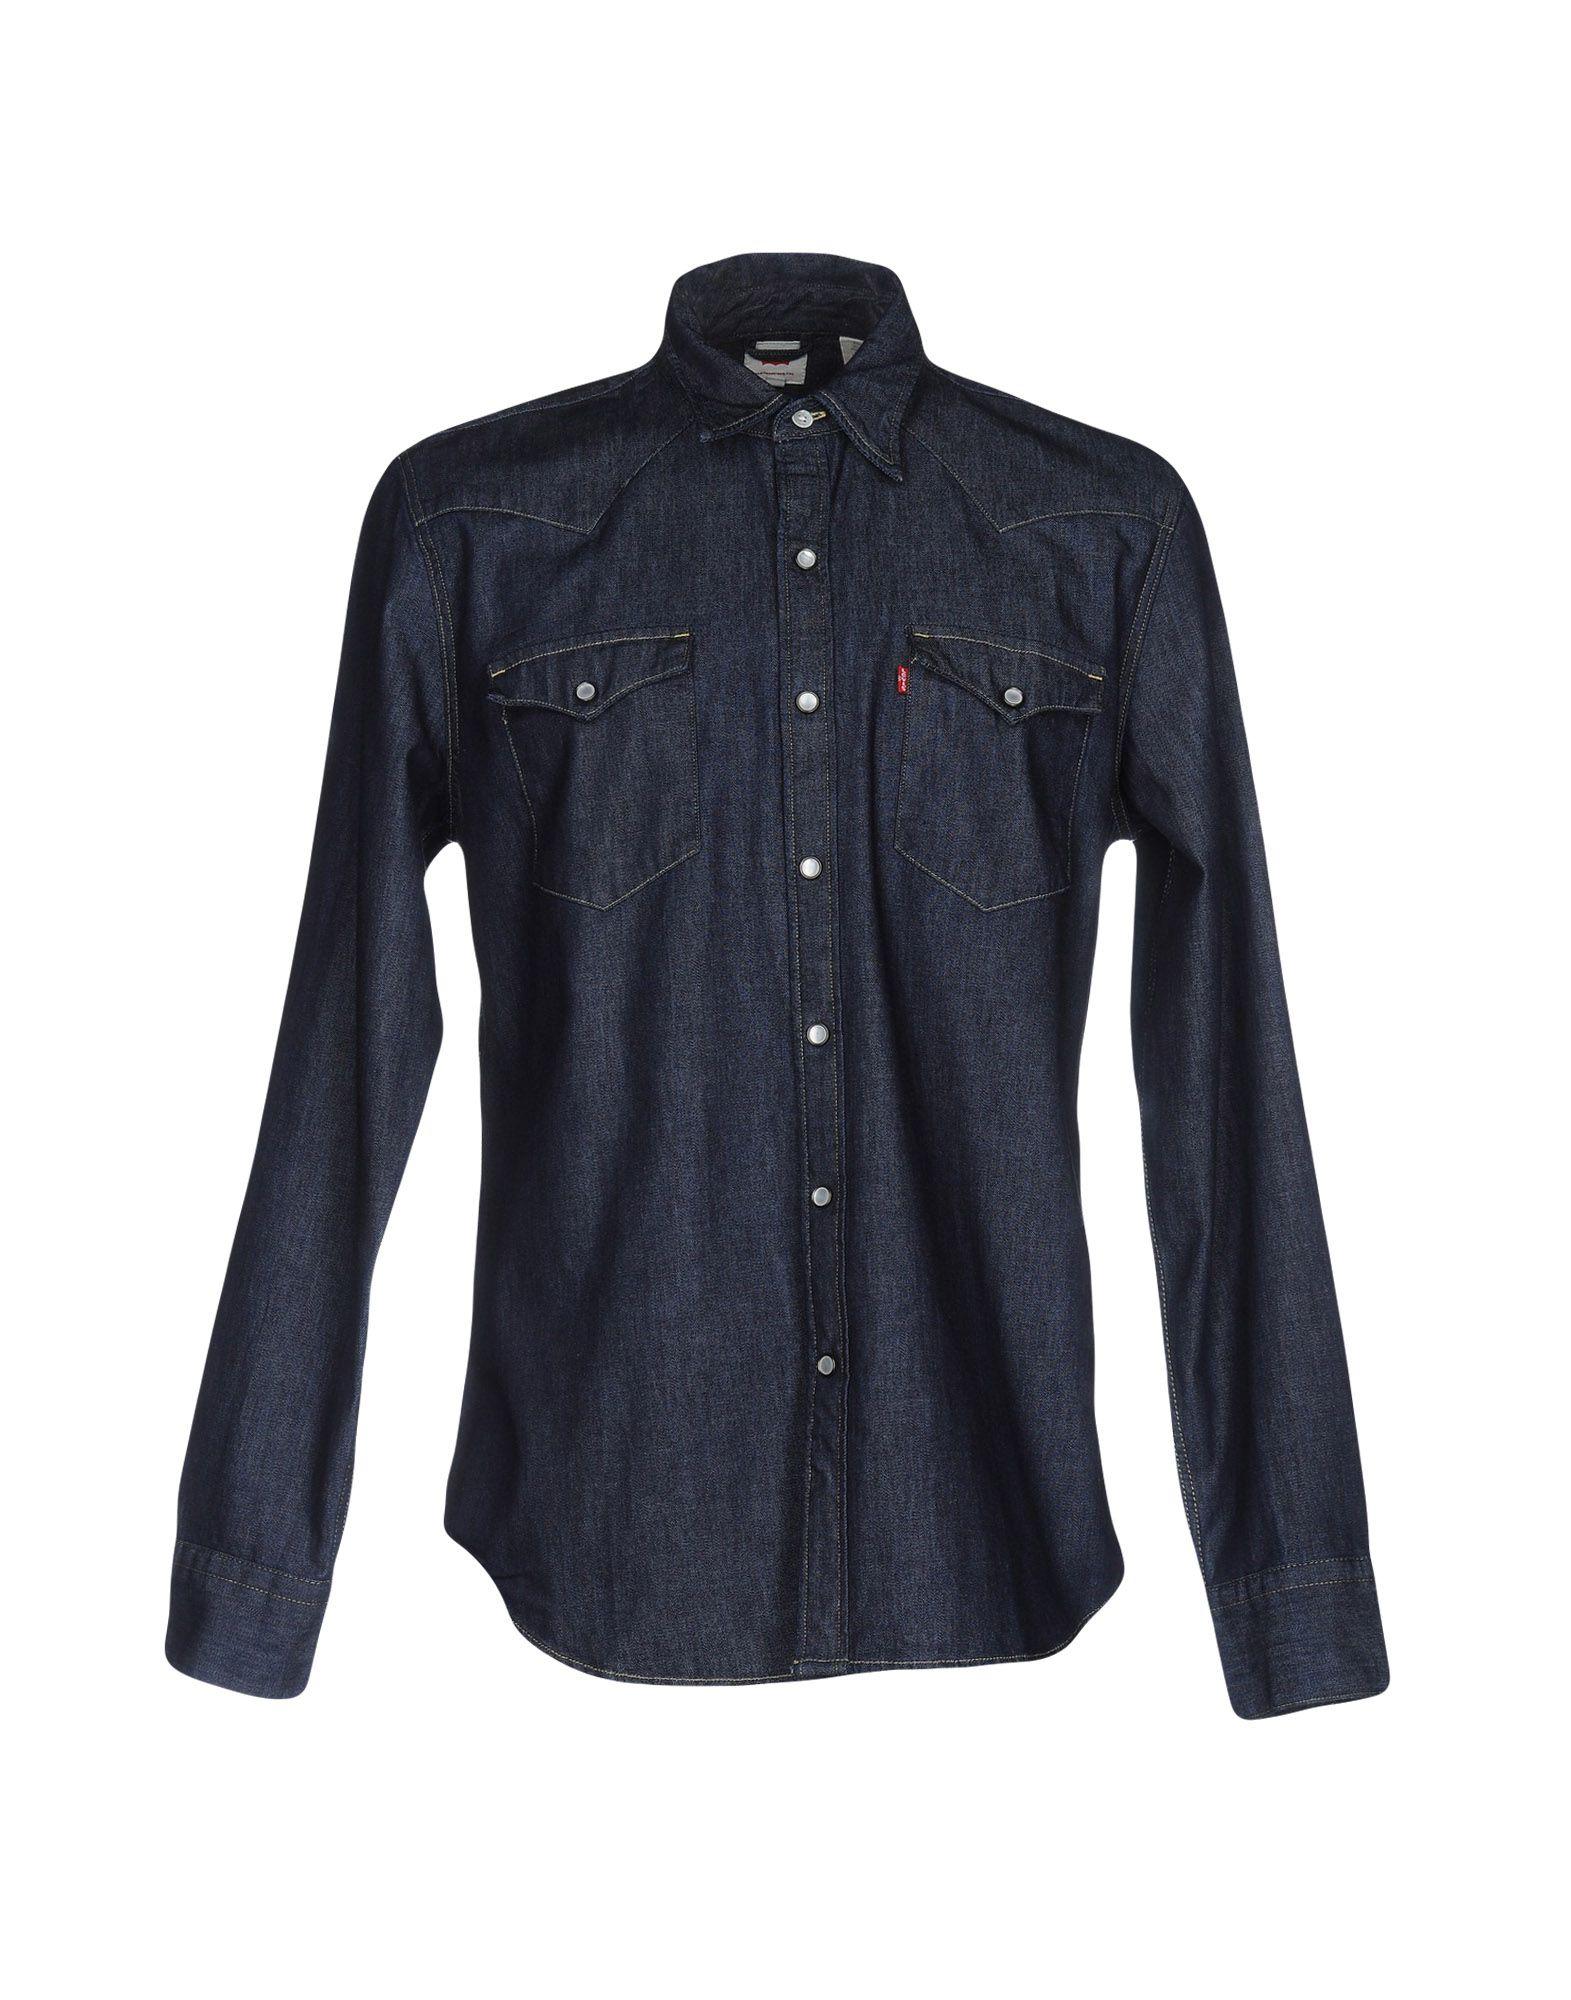 LEVI' S Джинсовая рубашка рубашка женская levi s® ultimate boyfriend цвет черный 5893700250 размер s 44